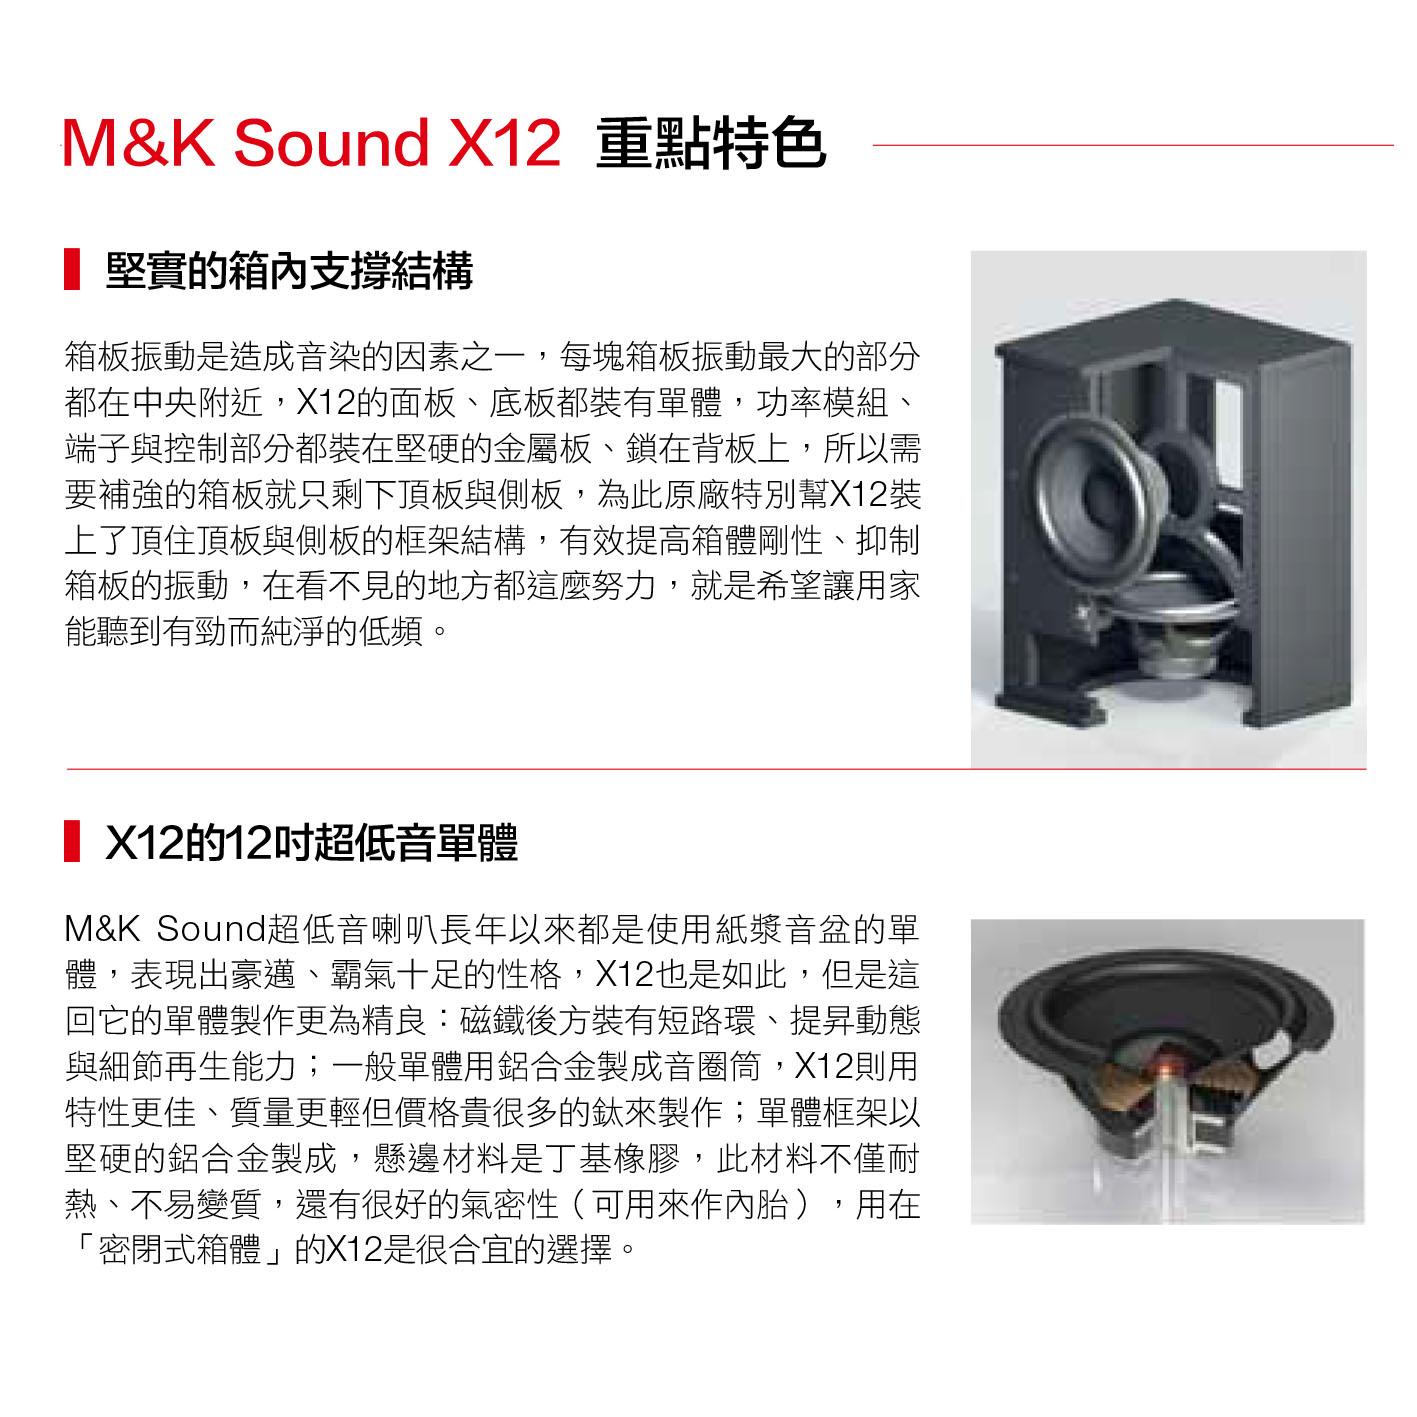 M&K SOUND超低音X12箱體和單體重要特色